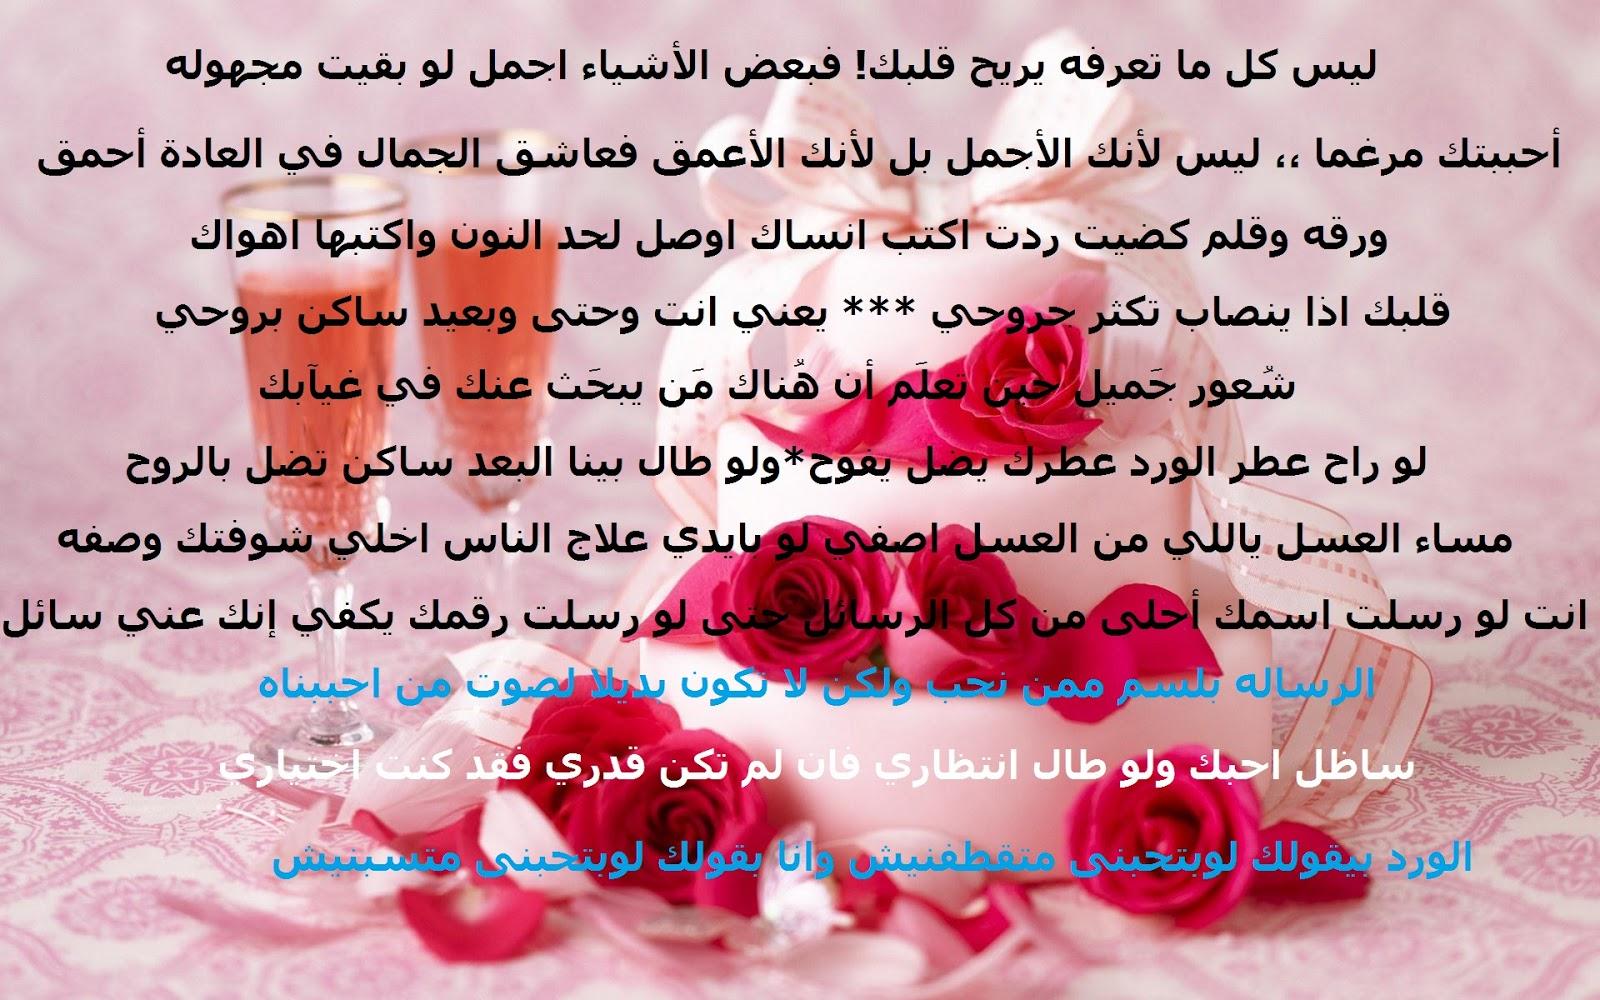 بالصور اجمل رسائل الحب , عبارات تعانق القلب دون استاذان 1459 1